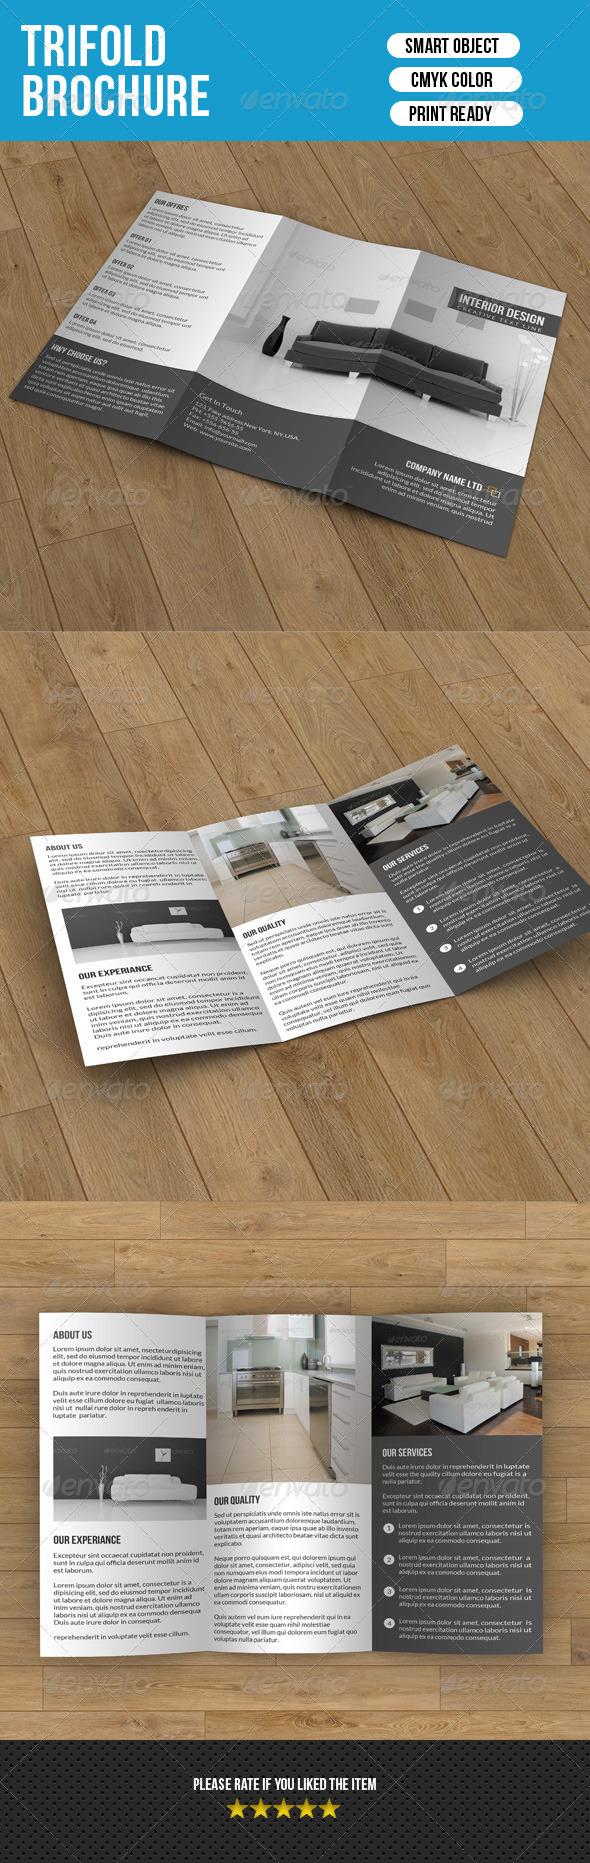 Minimal Trifold-Interior Design